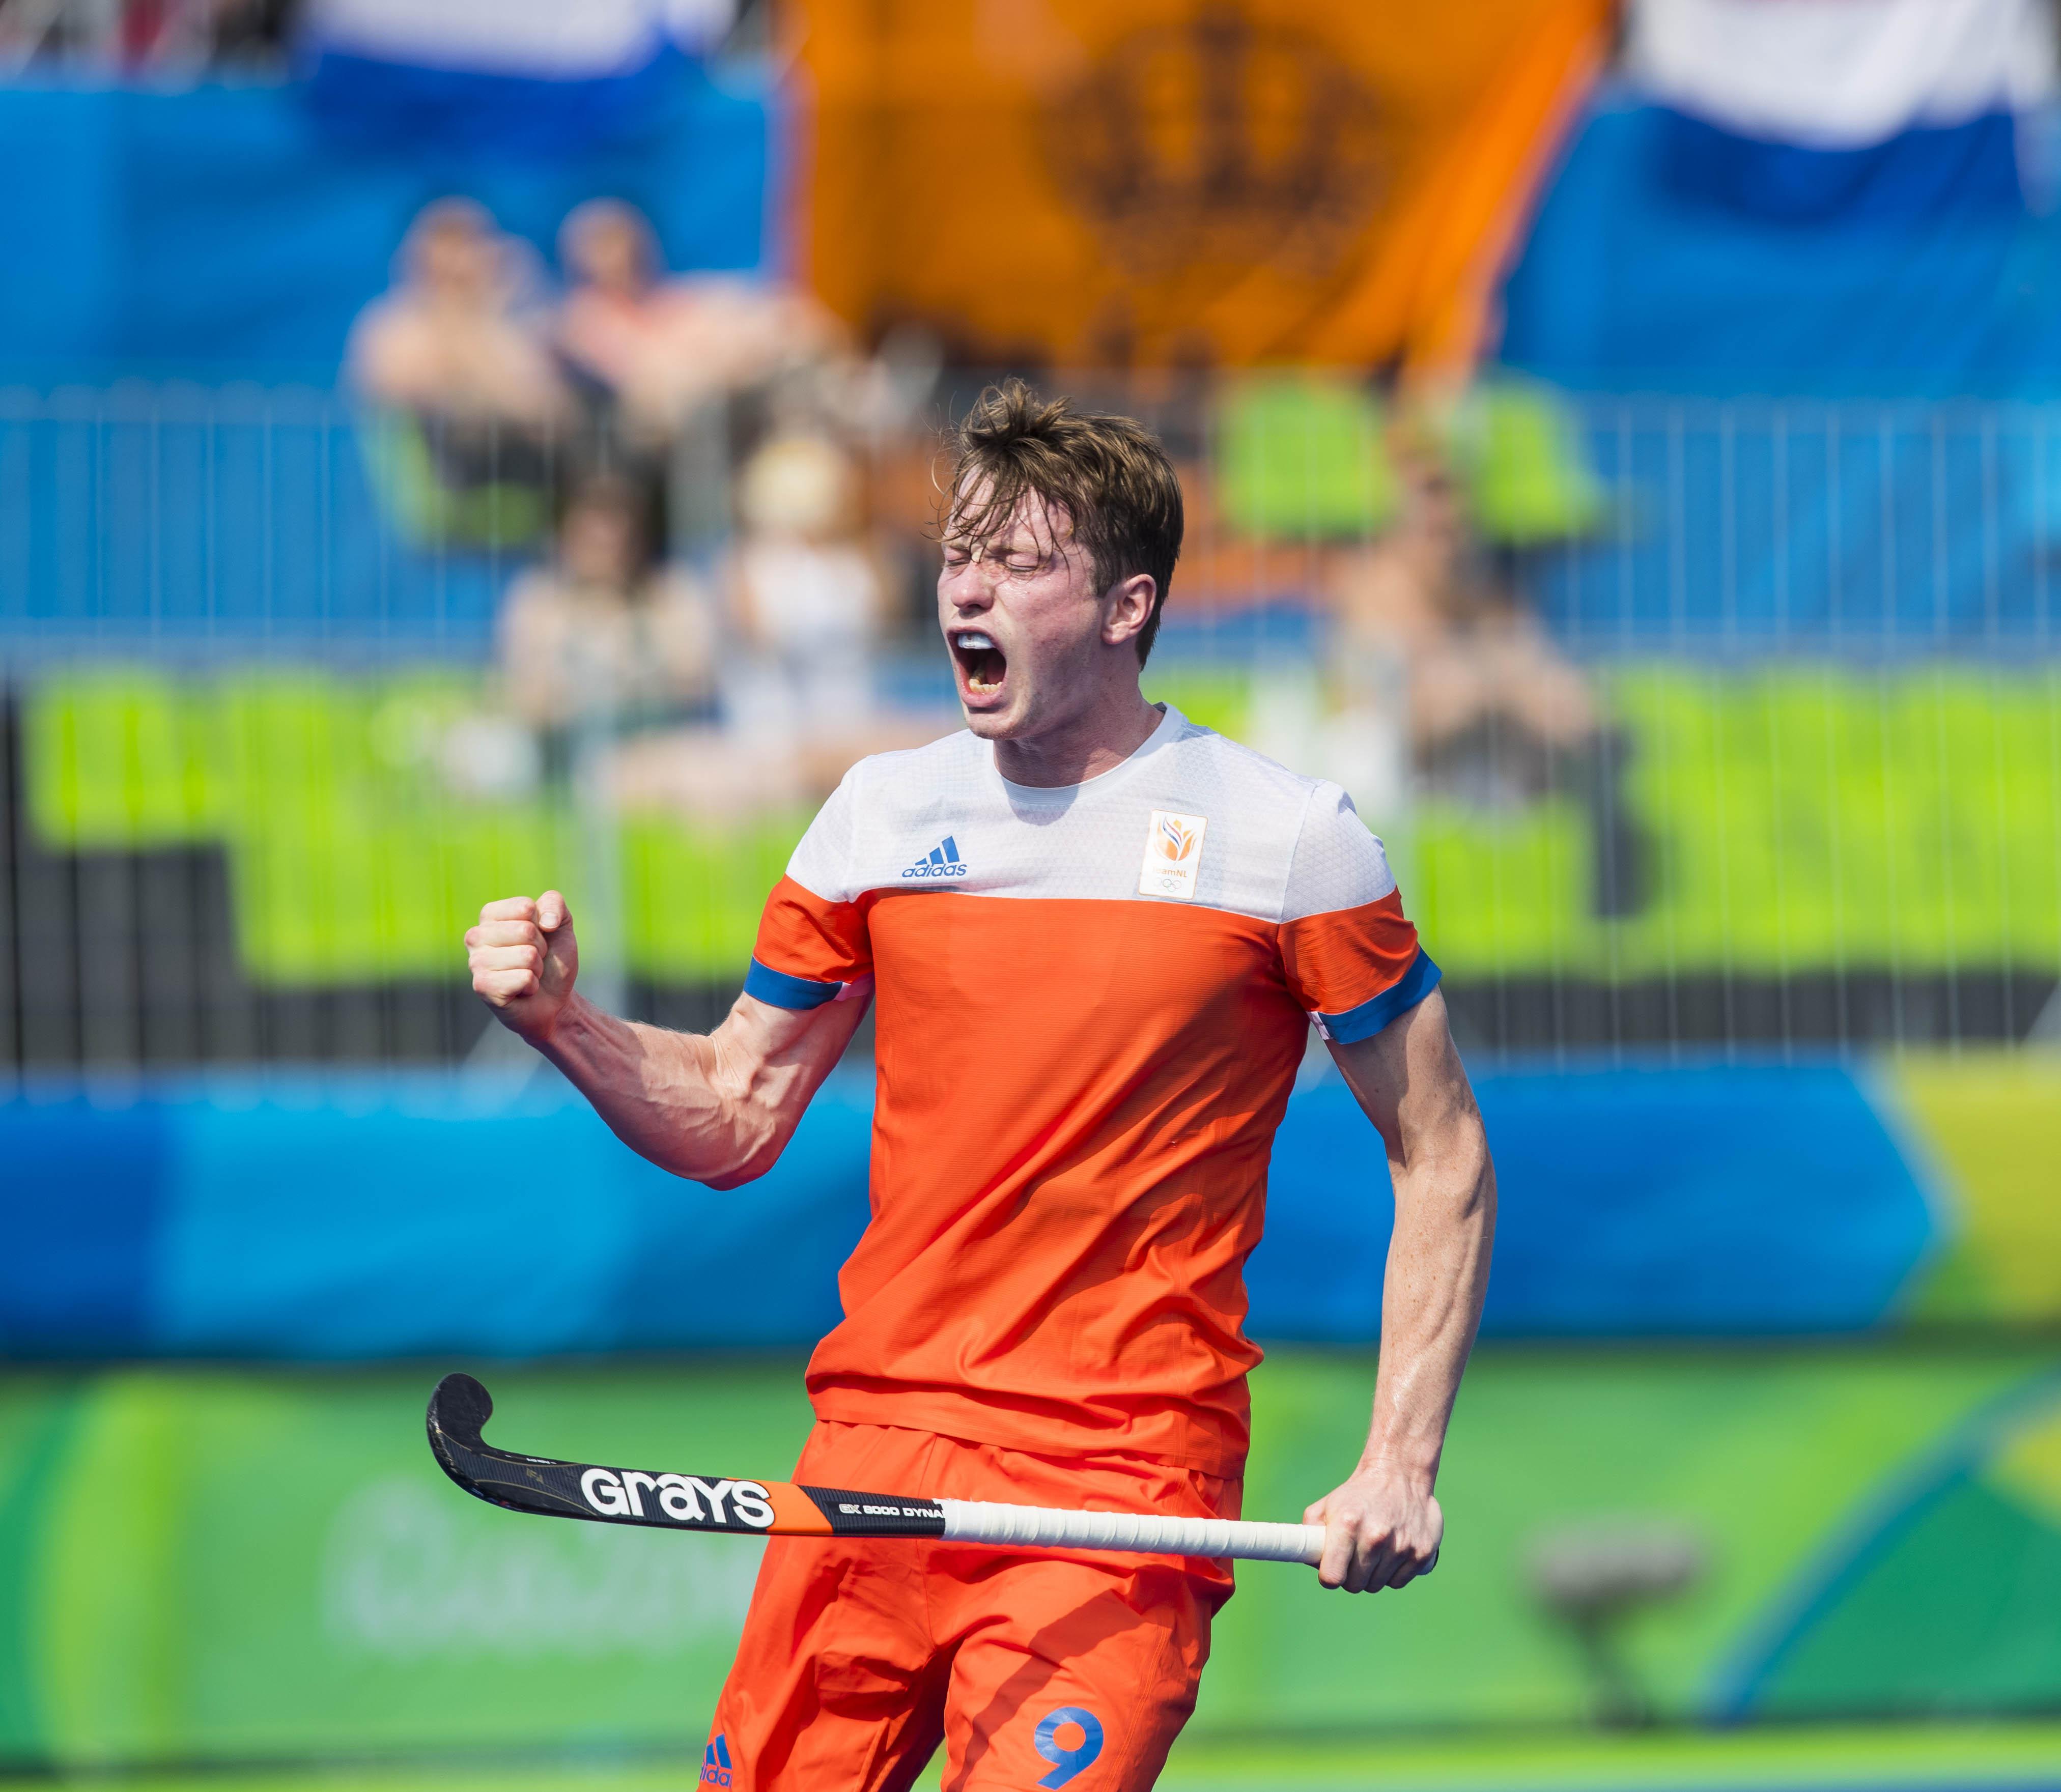 RIO DE JANEIRO (Brazili') - Seve van Ass (Ned) heeft de stand op 1-0 gebracht tijdens de poulewedstrijd hockey heren Nederland-Canada , tijdens de Olympische Spelen. COPYRIGHT KOEN SUYK